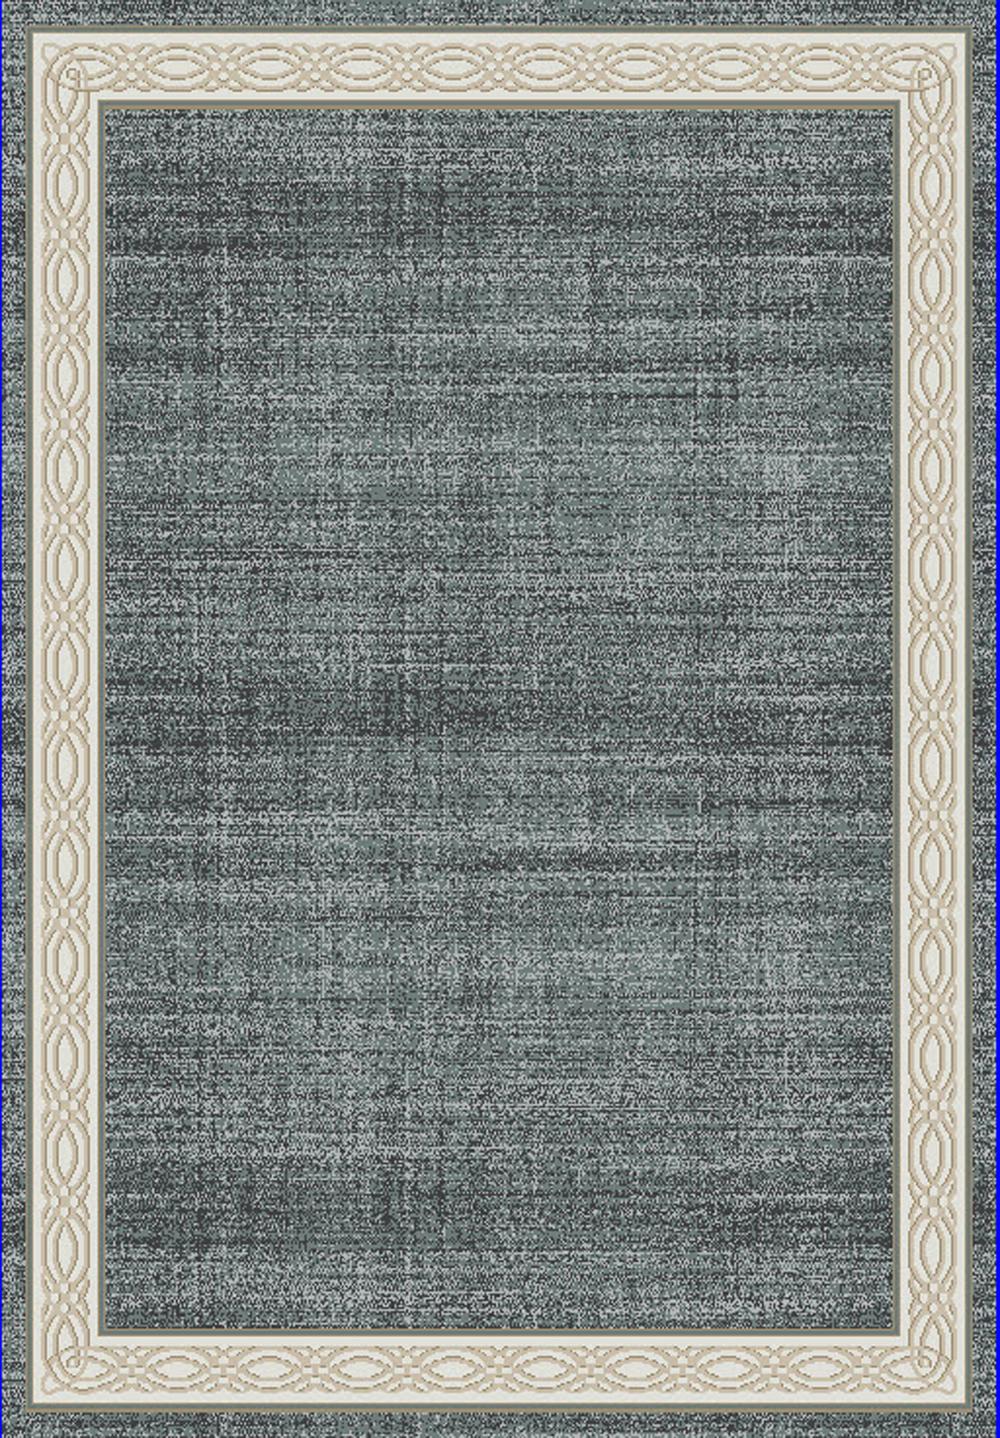 Dynamic YAZD 1770 BLUE/GREY Rug